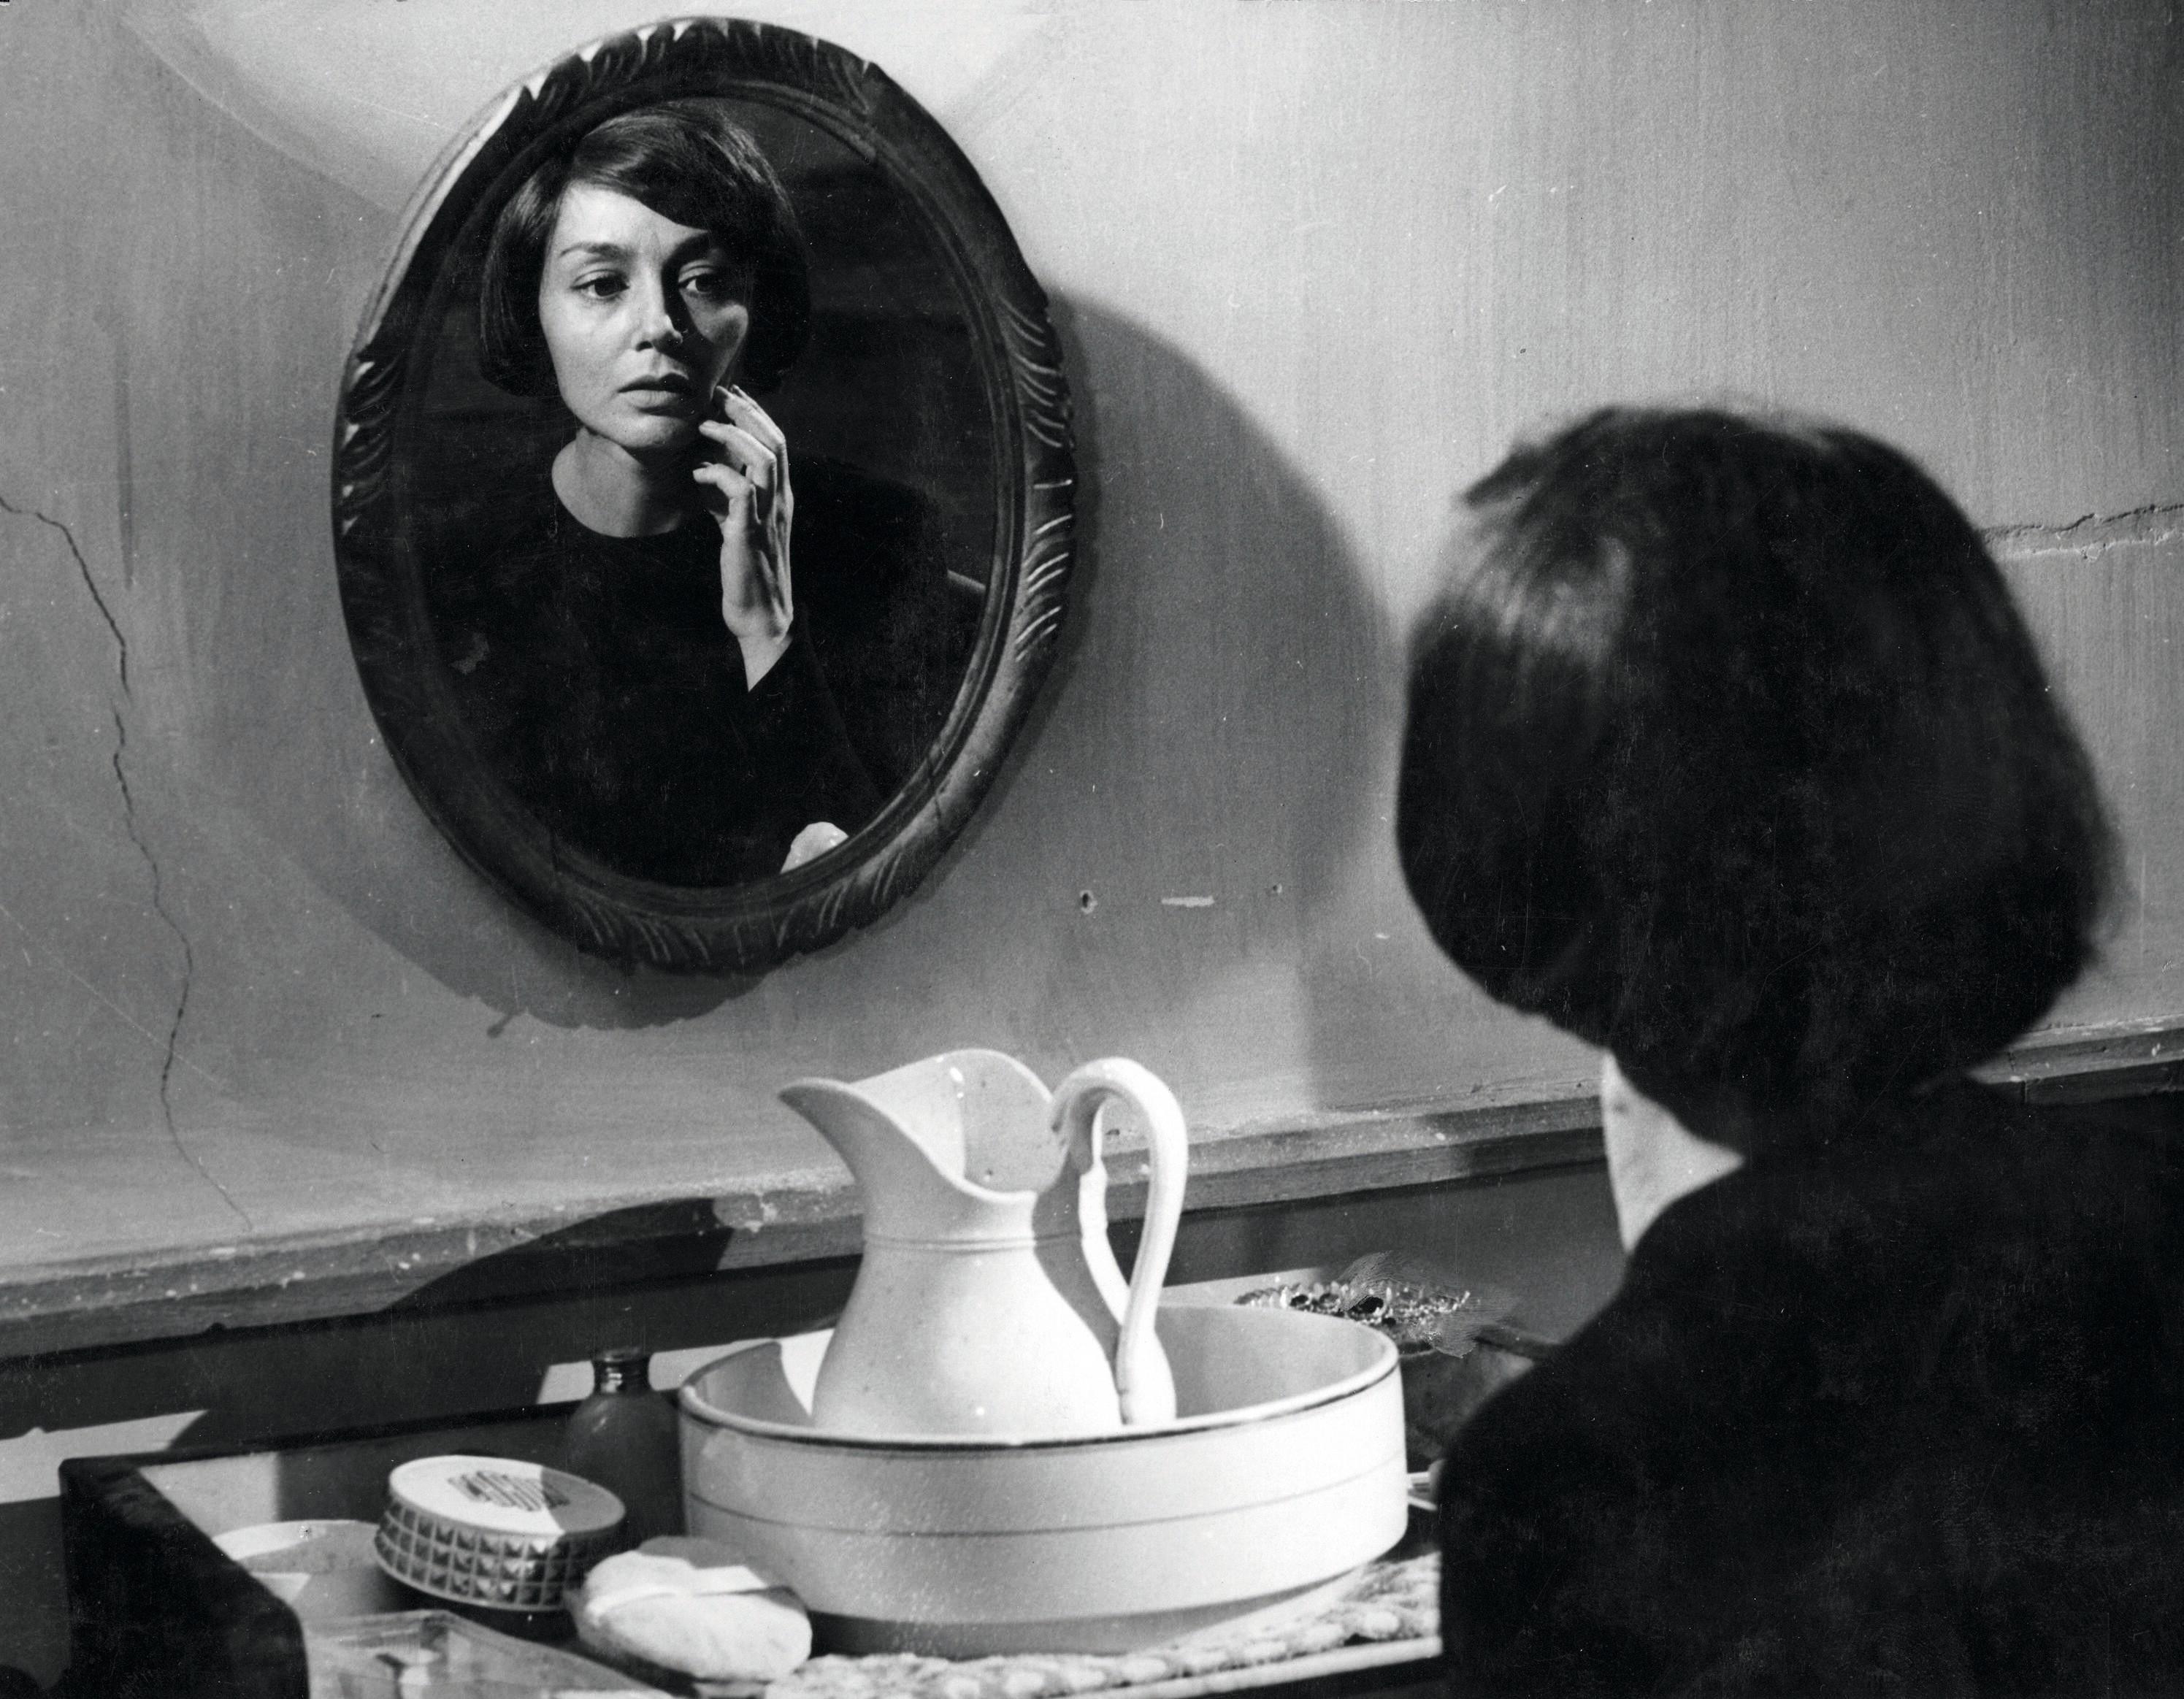 Photogramme Thérèse Desqueyroux Georges Franju Emmanuelle Riva 1962